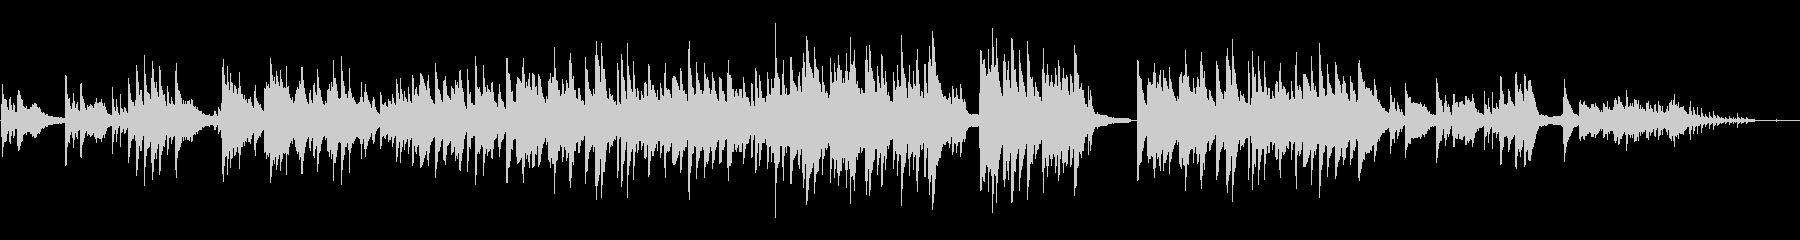 お洒落でキラキラのピアノソロ曲の未再生の波形